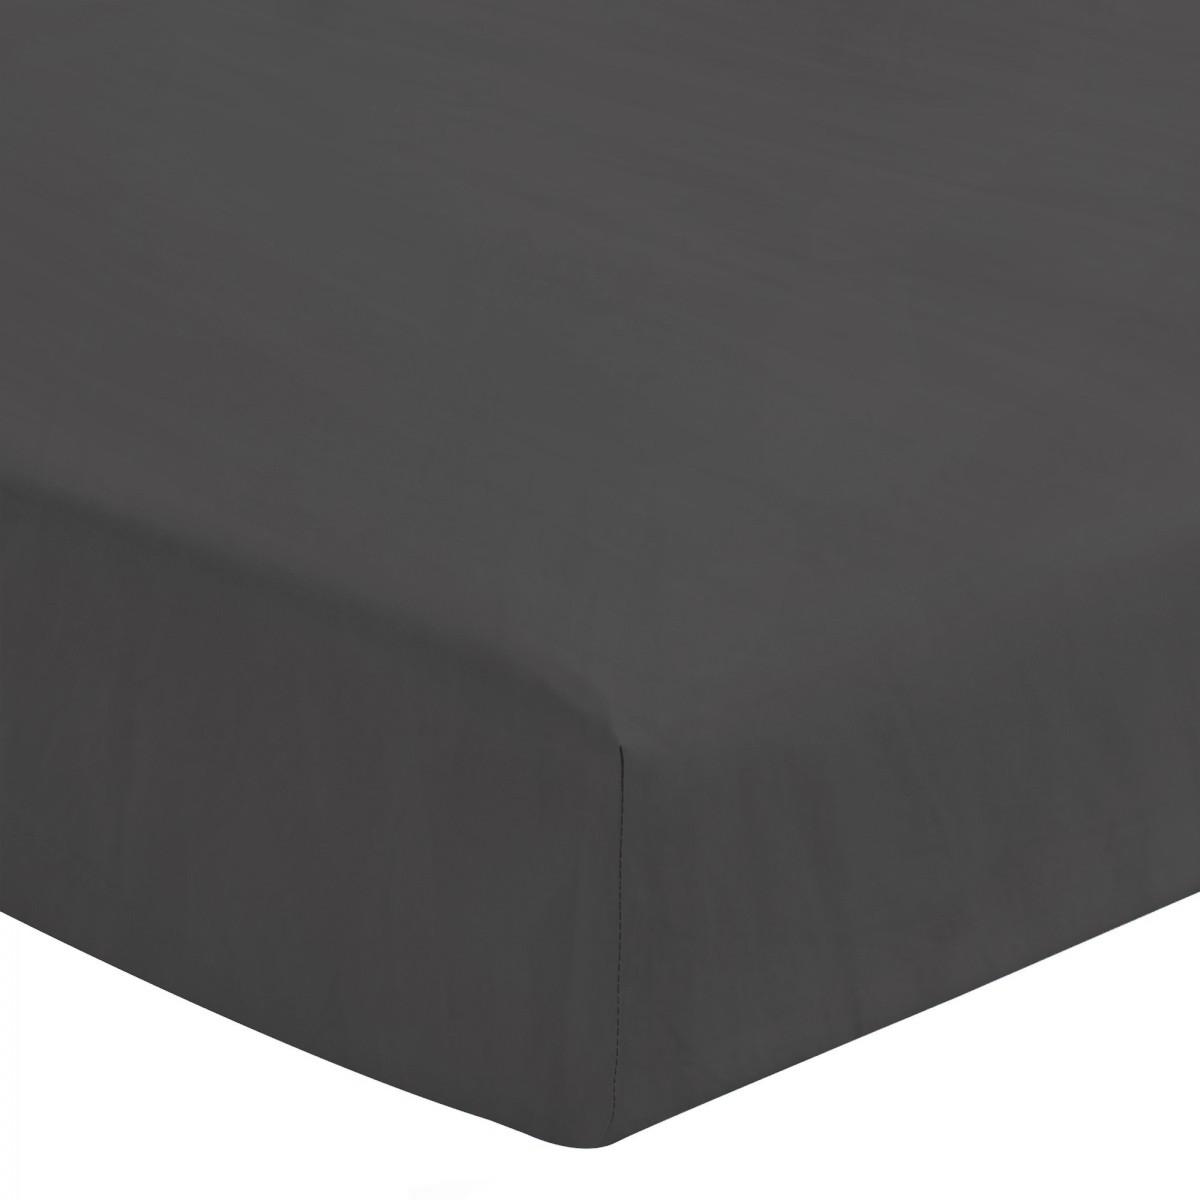 Drap Housse Uni 100% Coton Bonnet 30cm Gris foncé 140x200cm